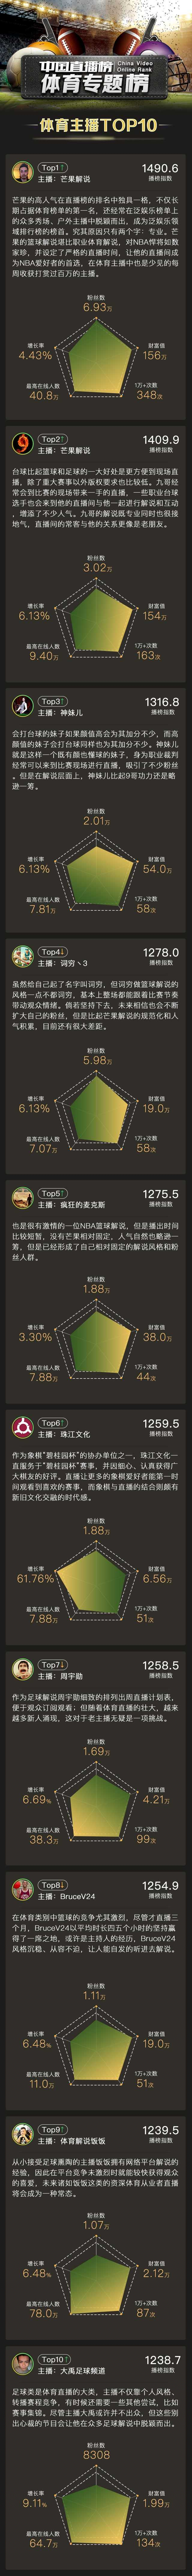 中国直播榜上线体育专题榜全面解读体育直播与主播生态